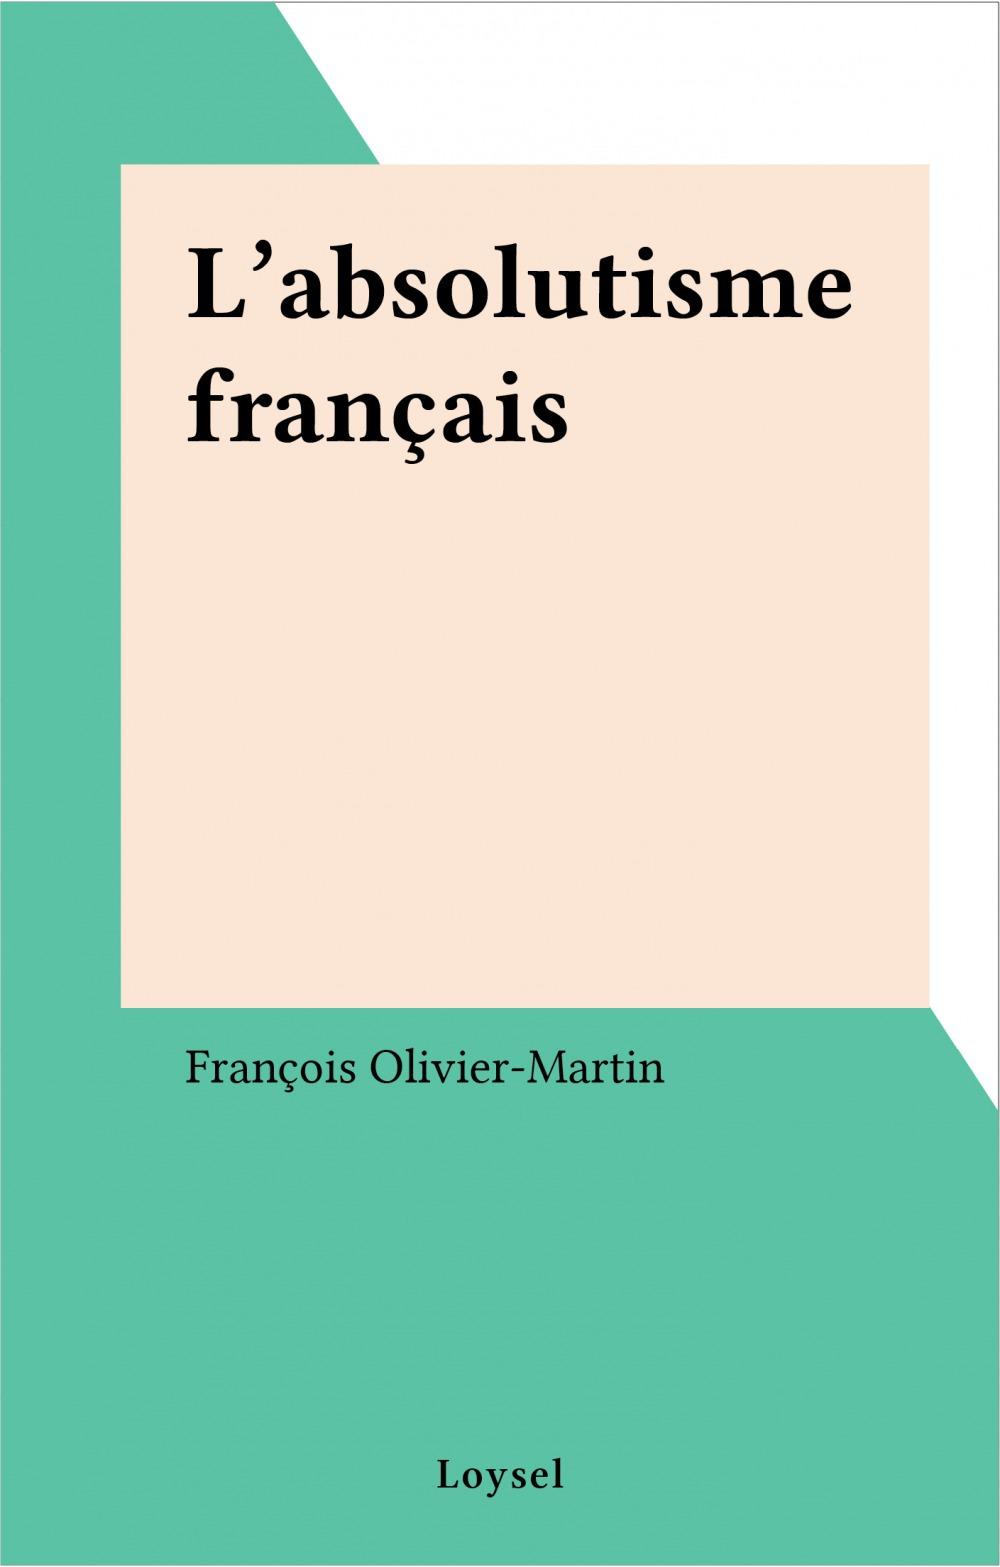 L'absolutisme francais